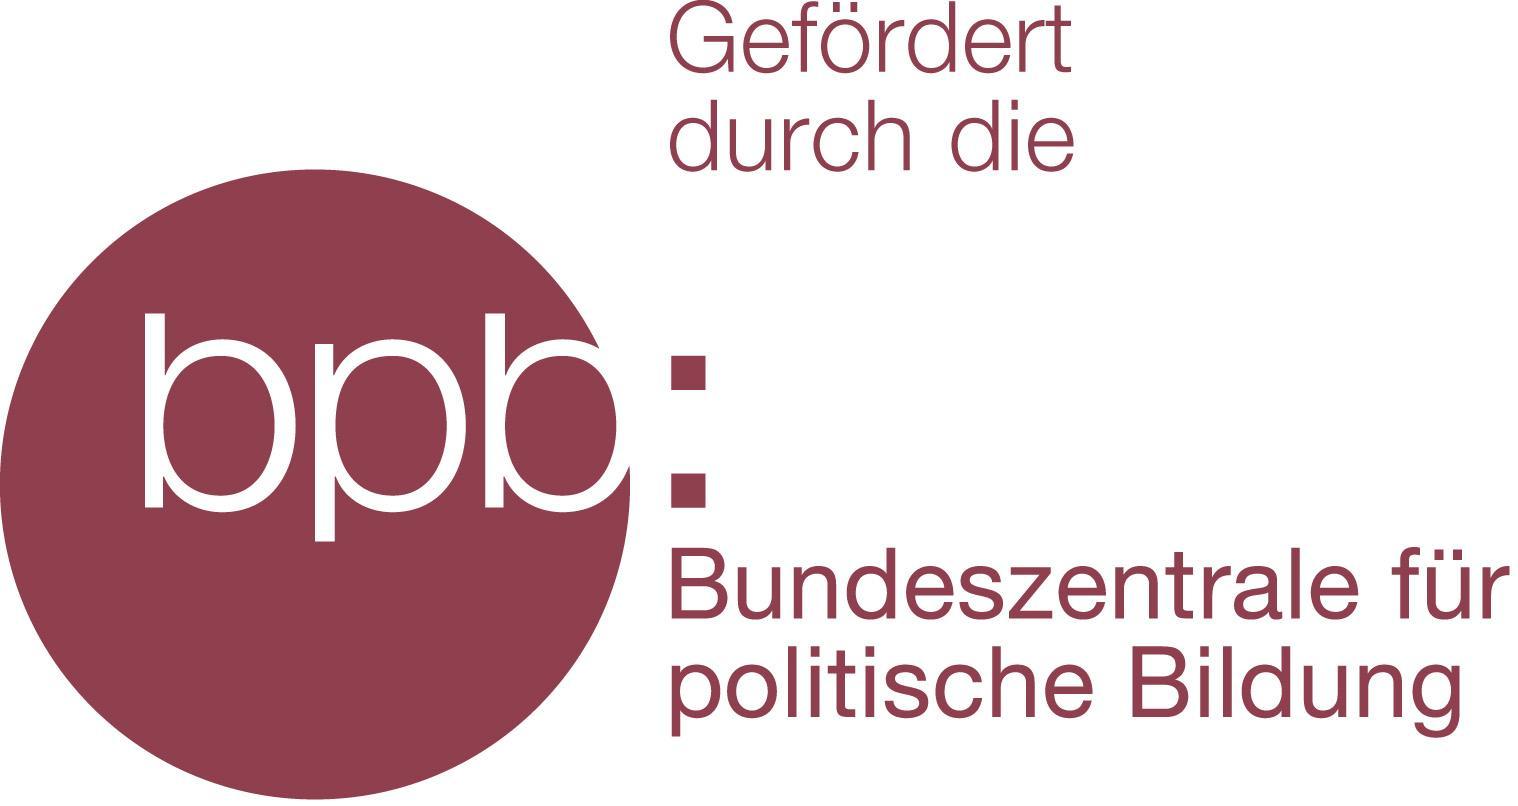 LOGO bpb  2   WBM2ZG_A_RGB_gefoerdert.JPG